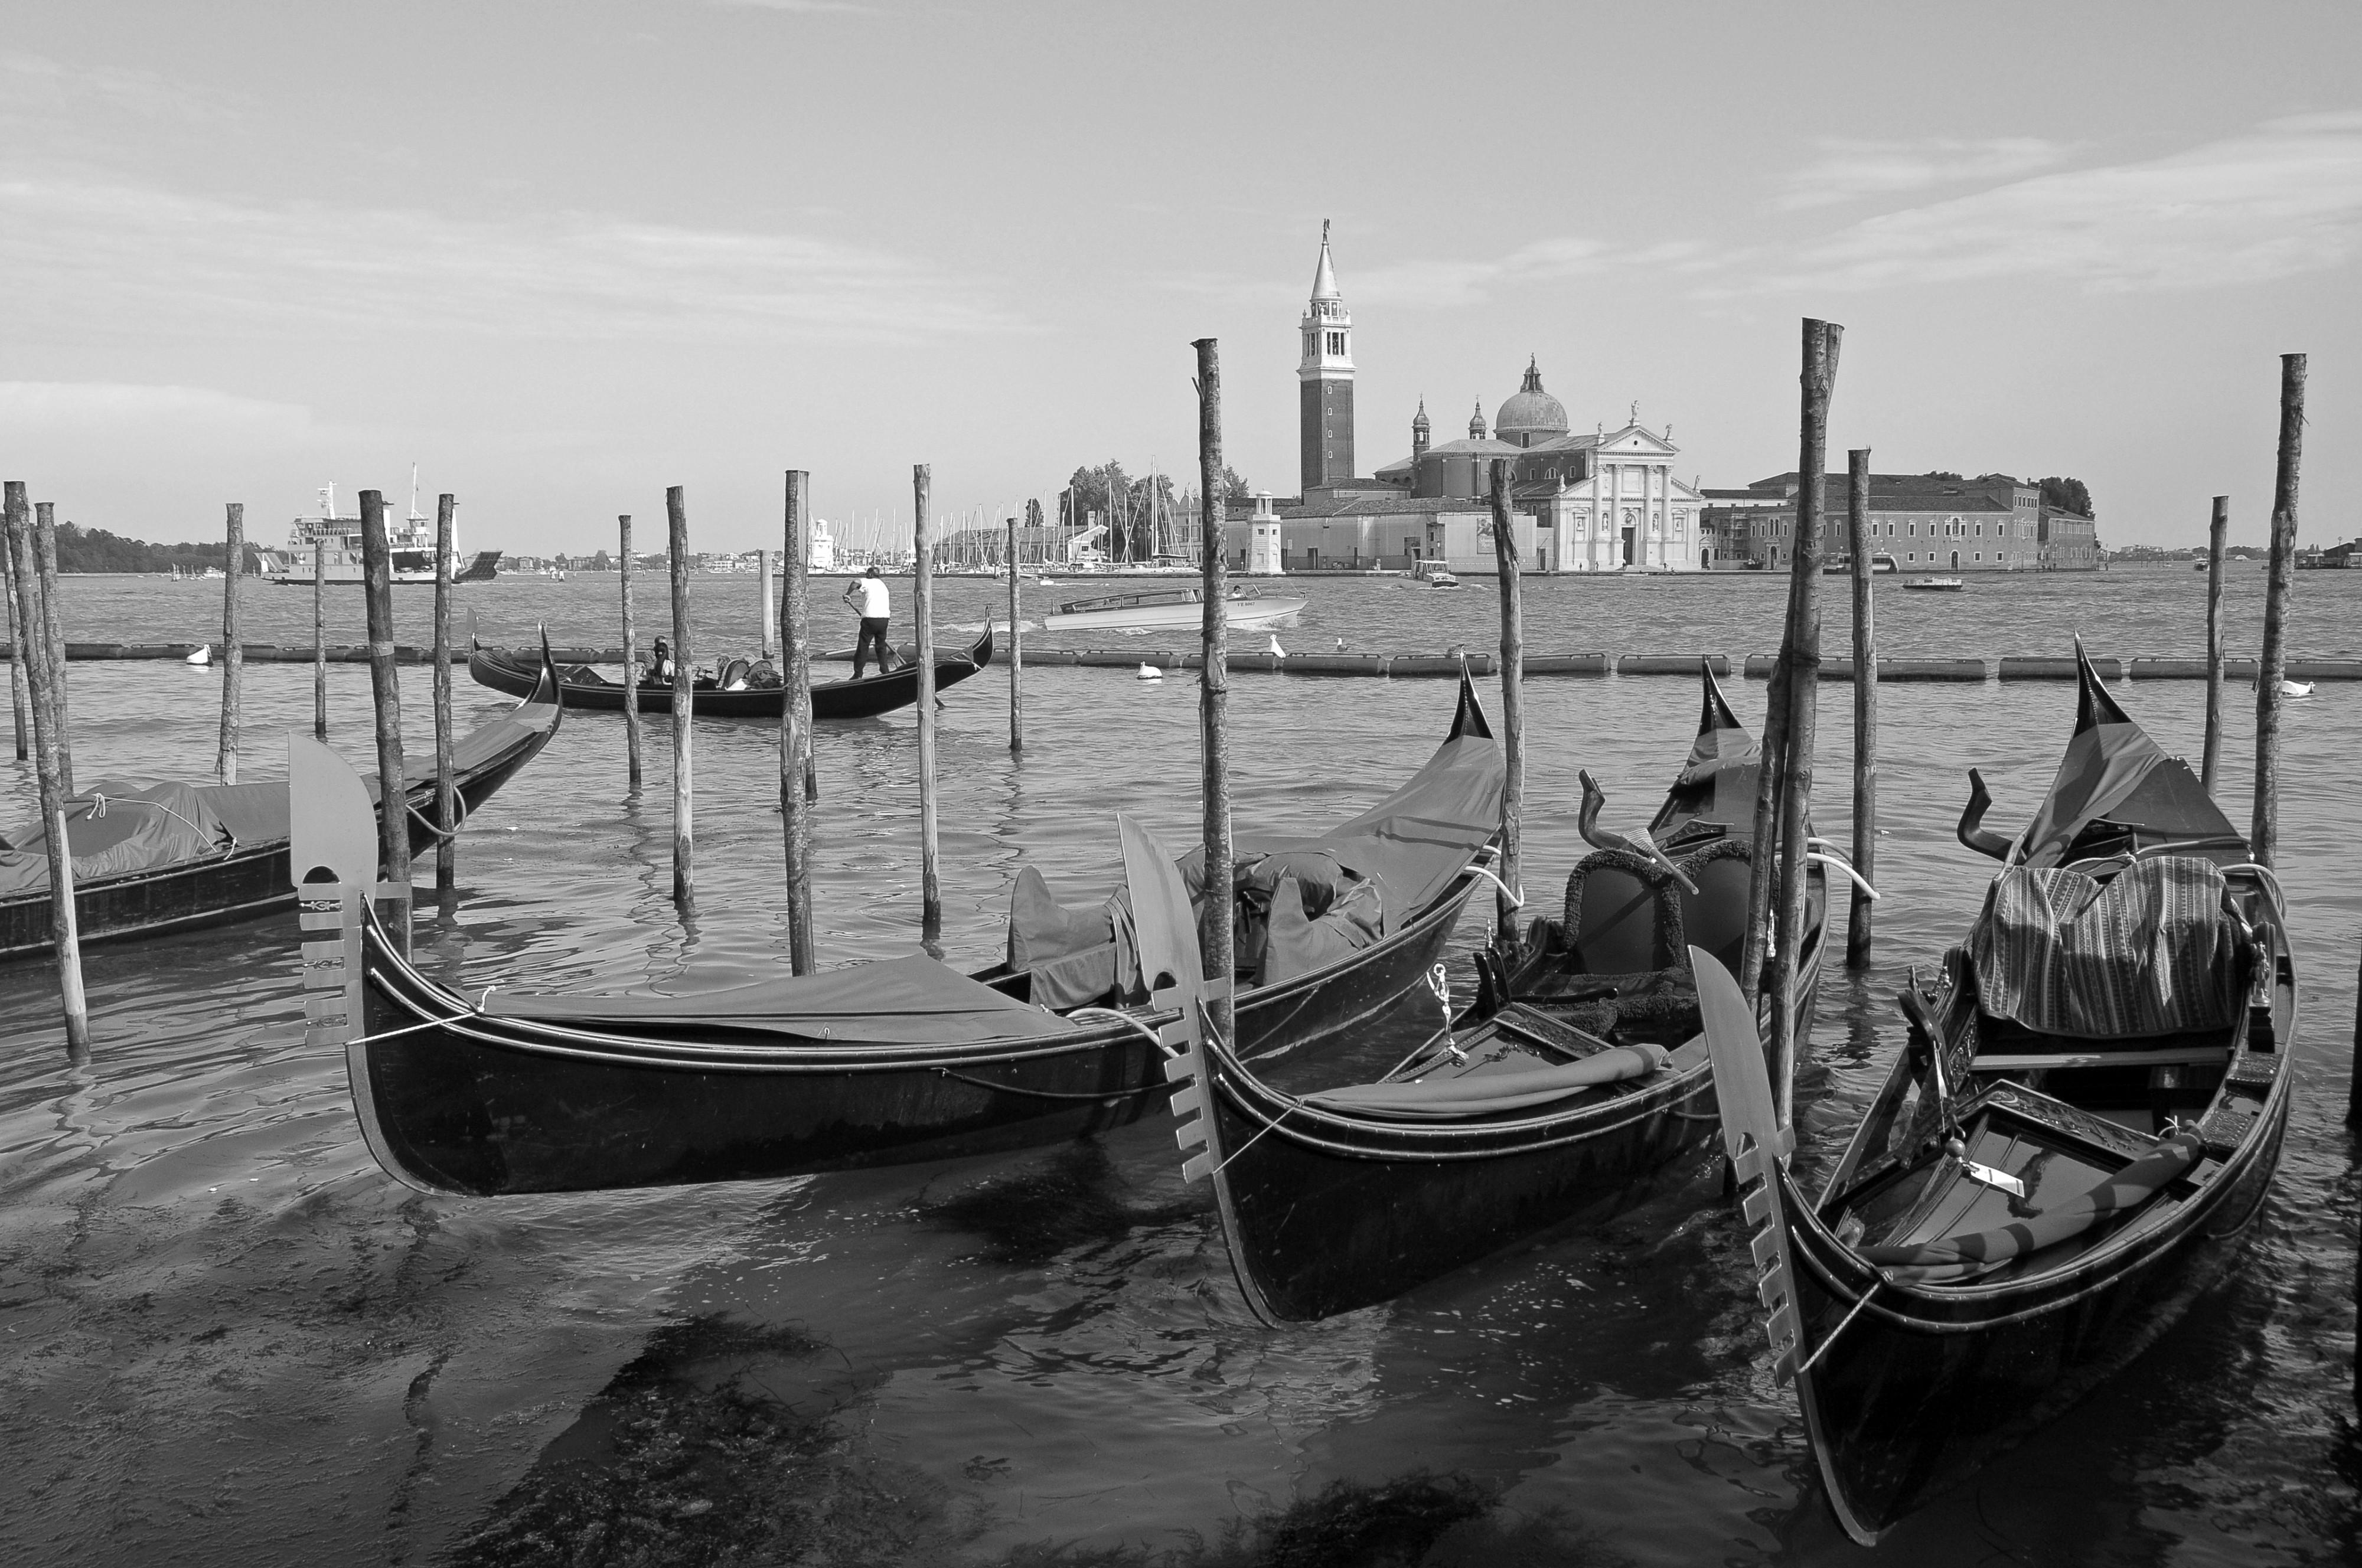 005-Venecia-gondolas